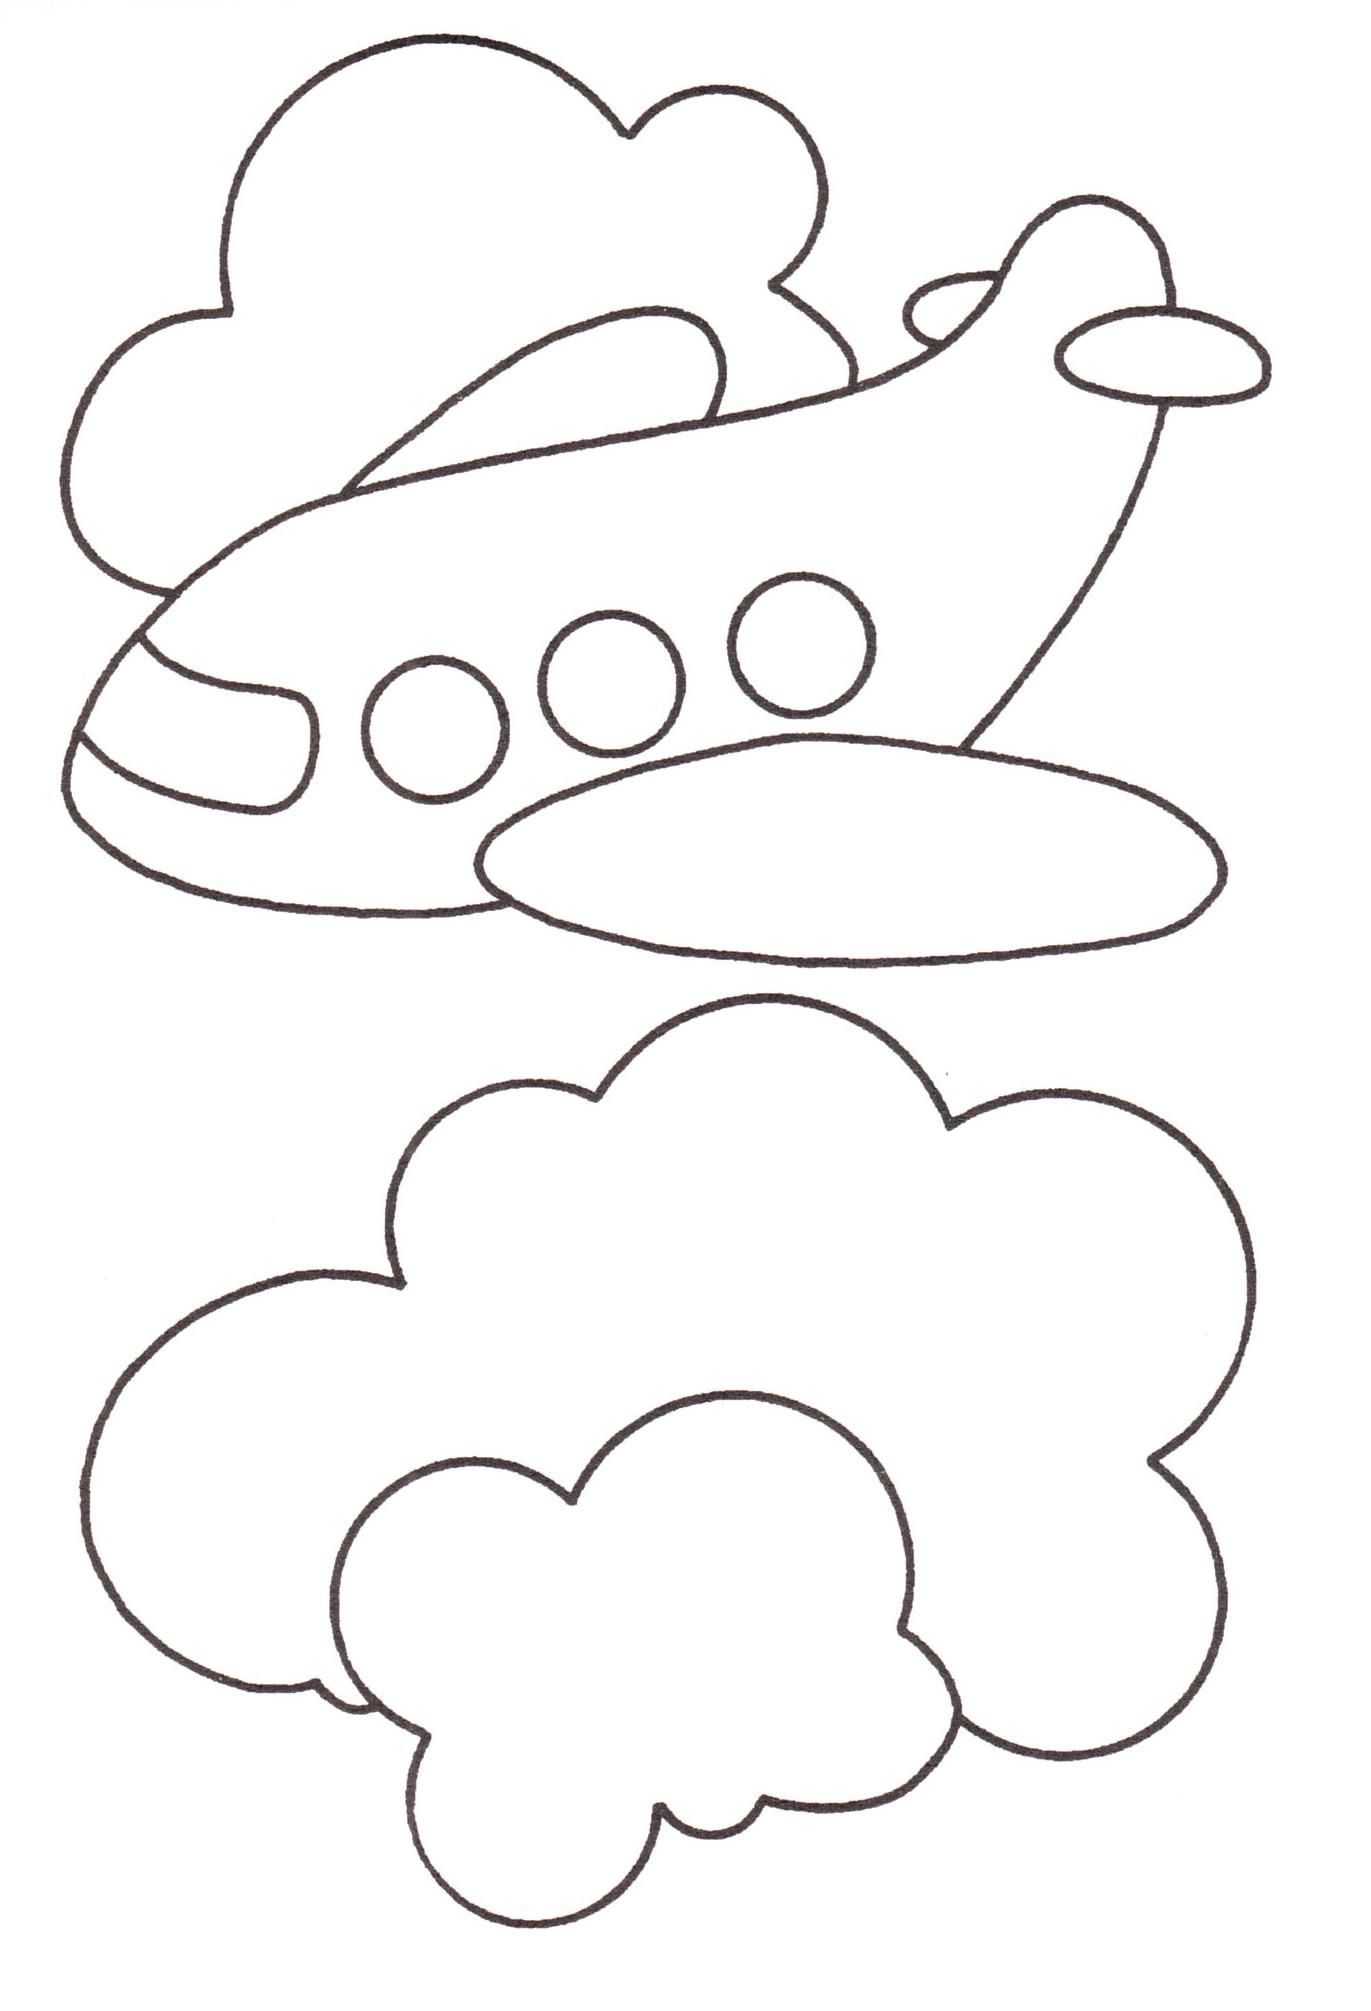 Disegni stampare colorare bambini aereoplano blogmamma for Neonati da colorare e stampare